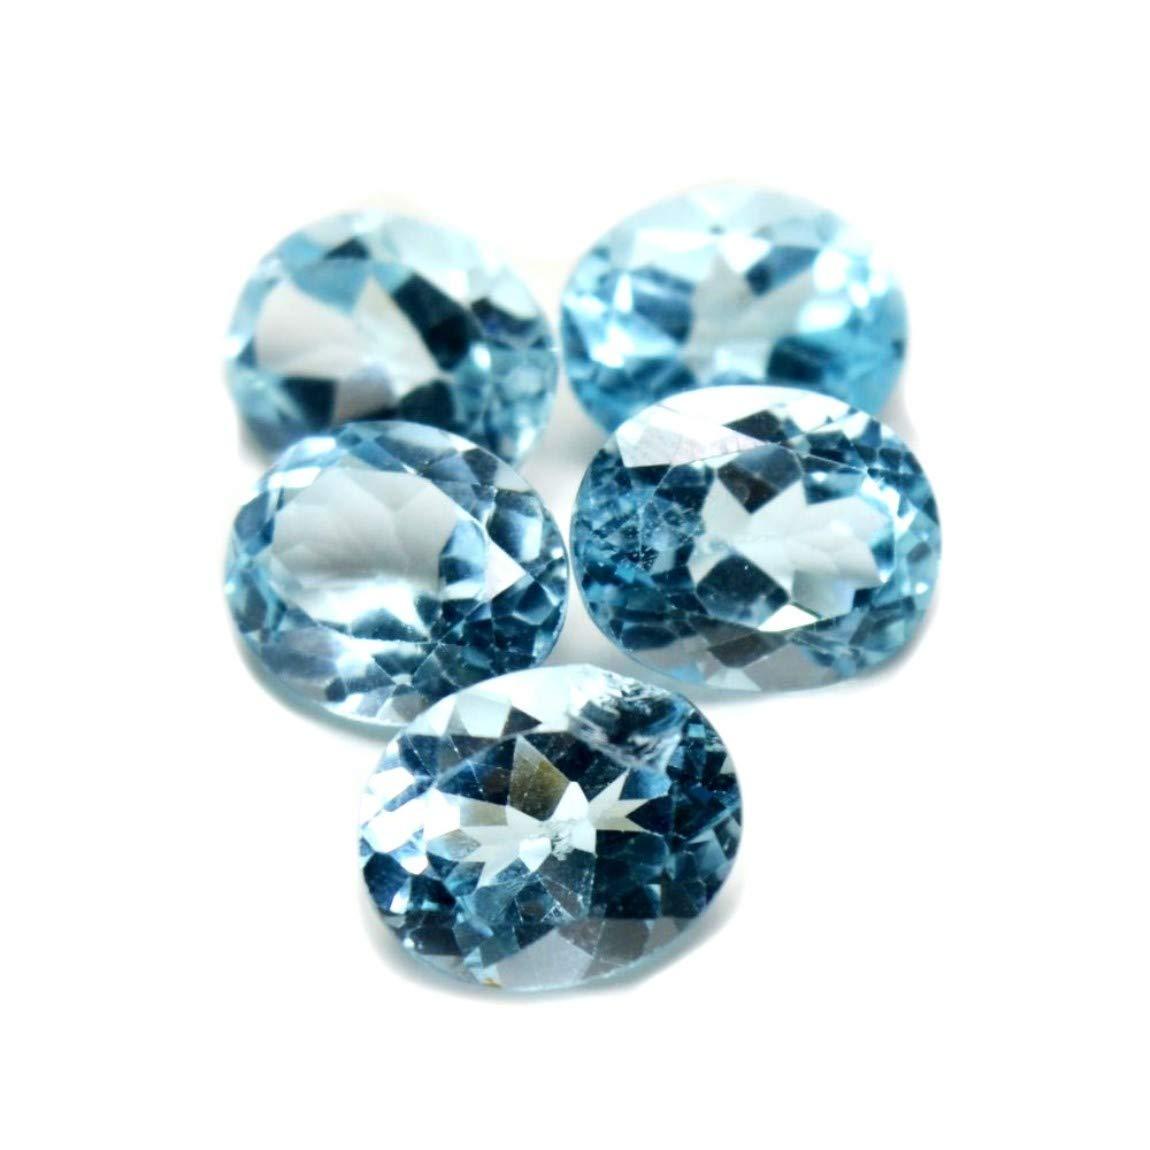 1 Stück Blautopas sky blue 9x7 mm oval facettiert